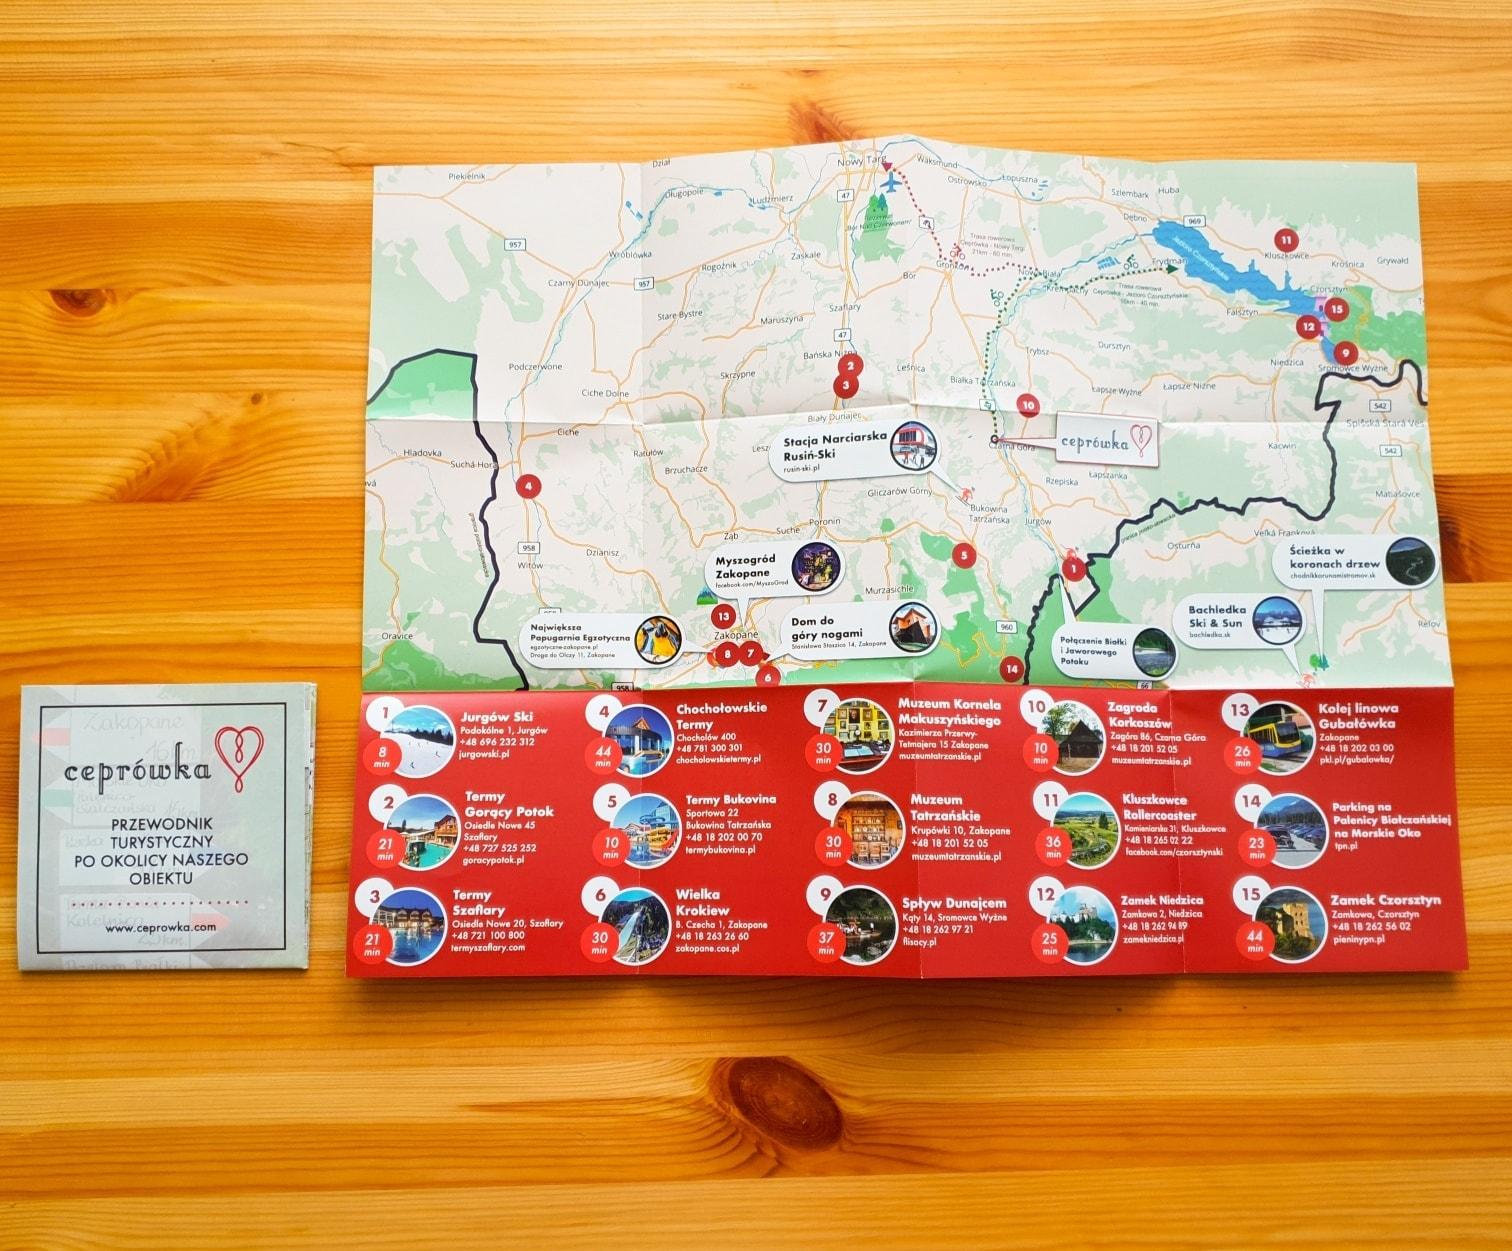 Nowe Mapy dla obiektu Ceprówka w Białce Tatrzańskiej